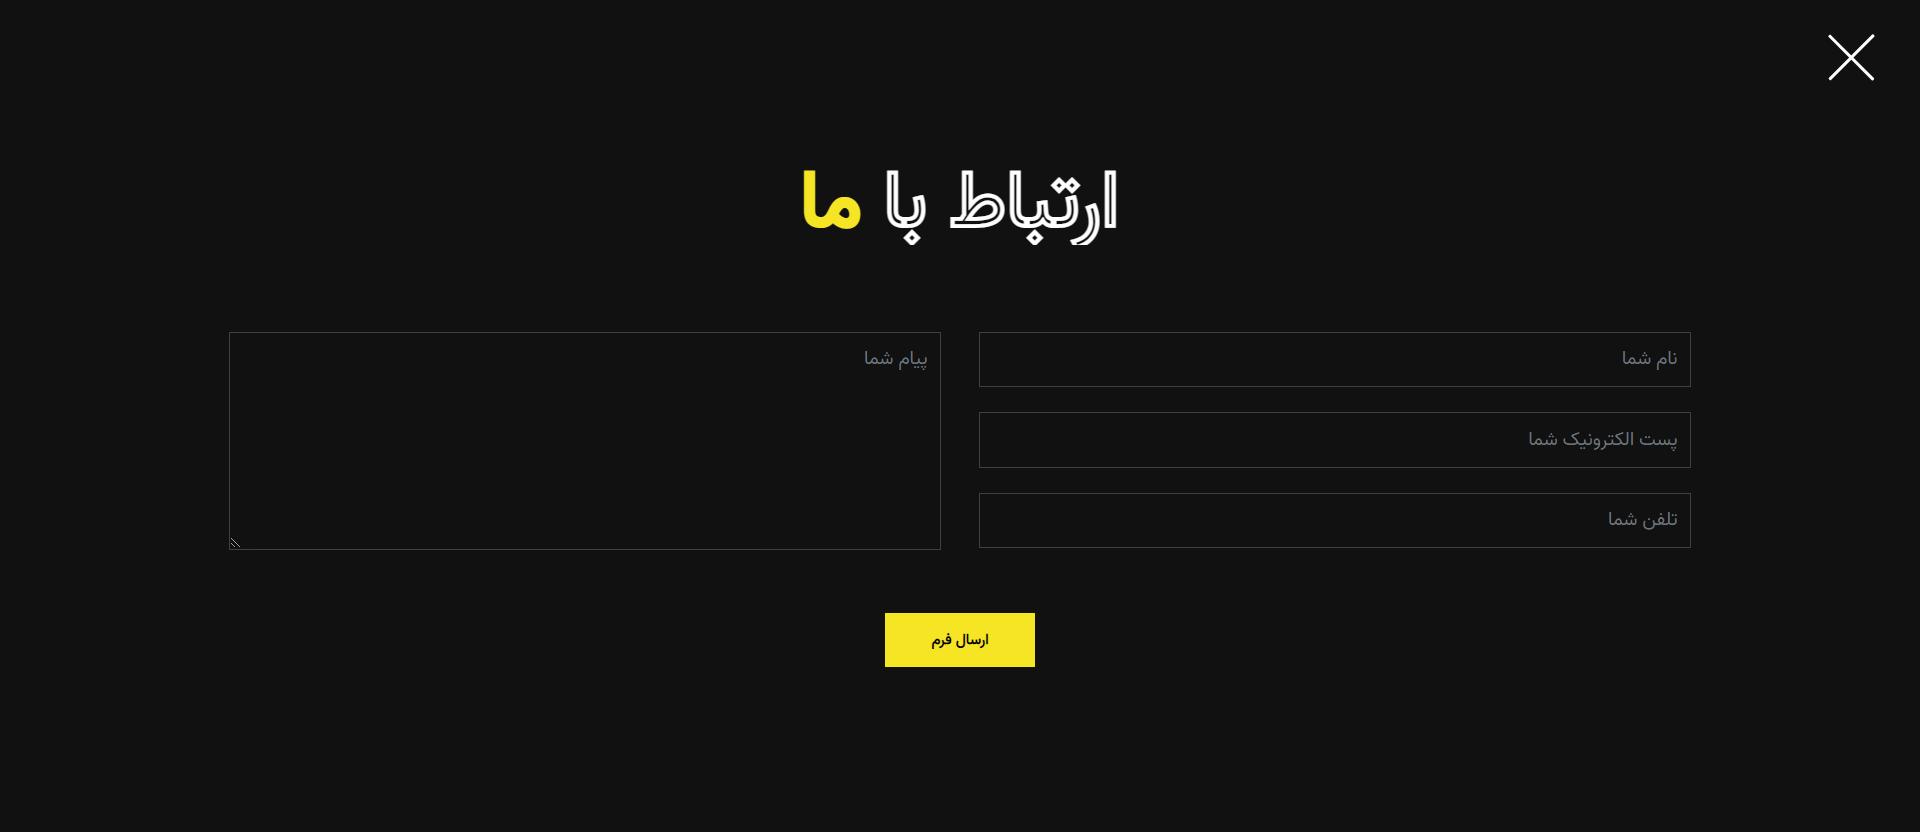 ارتباط با ما در قالب HTML در دست ساخت اولئوس